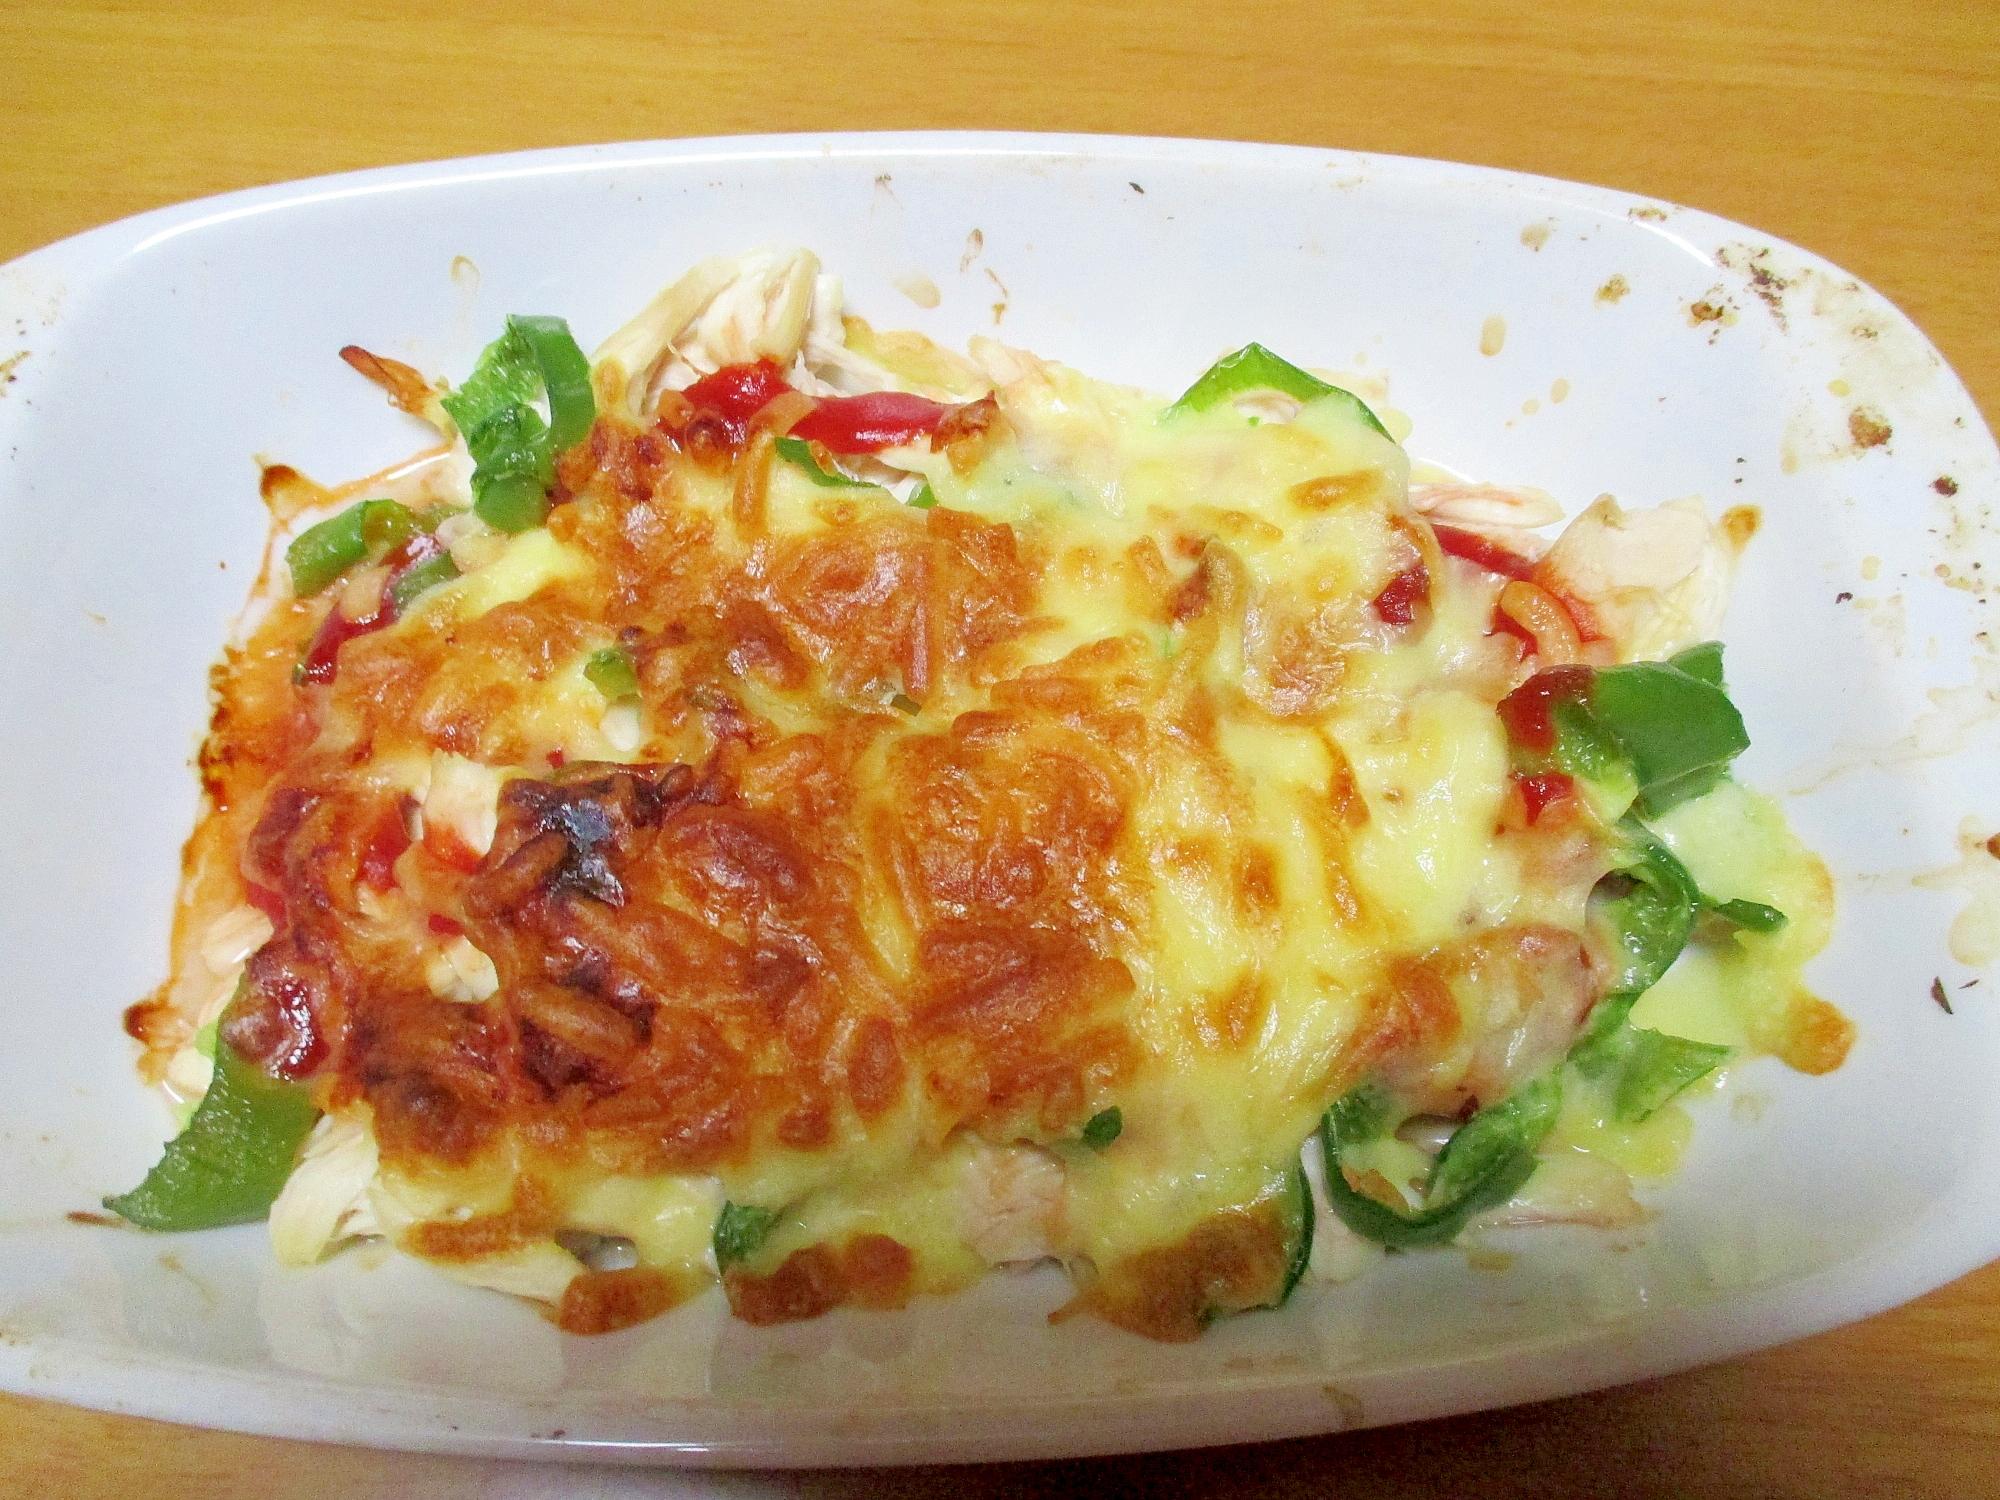 ささみとピーマンのケチャップチーズ焼き レシピ・作り方 by みぽりん9215|楽天レシピ